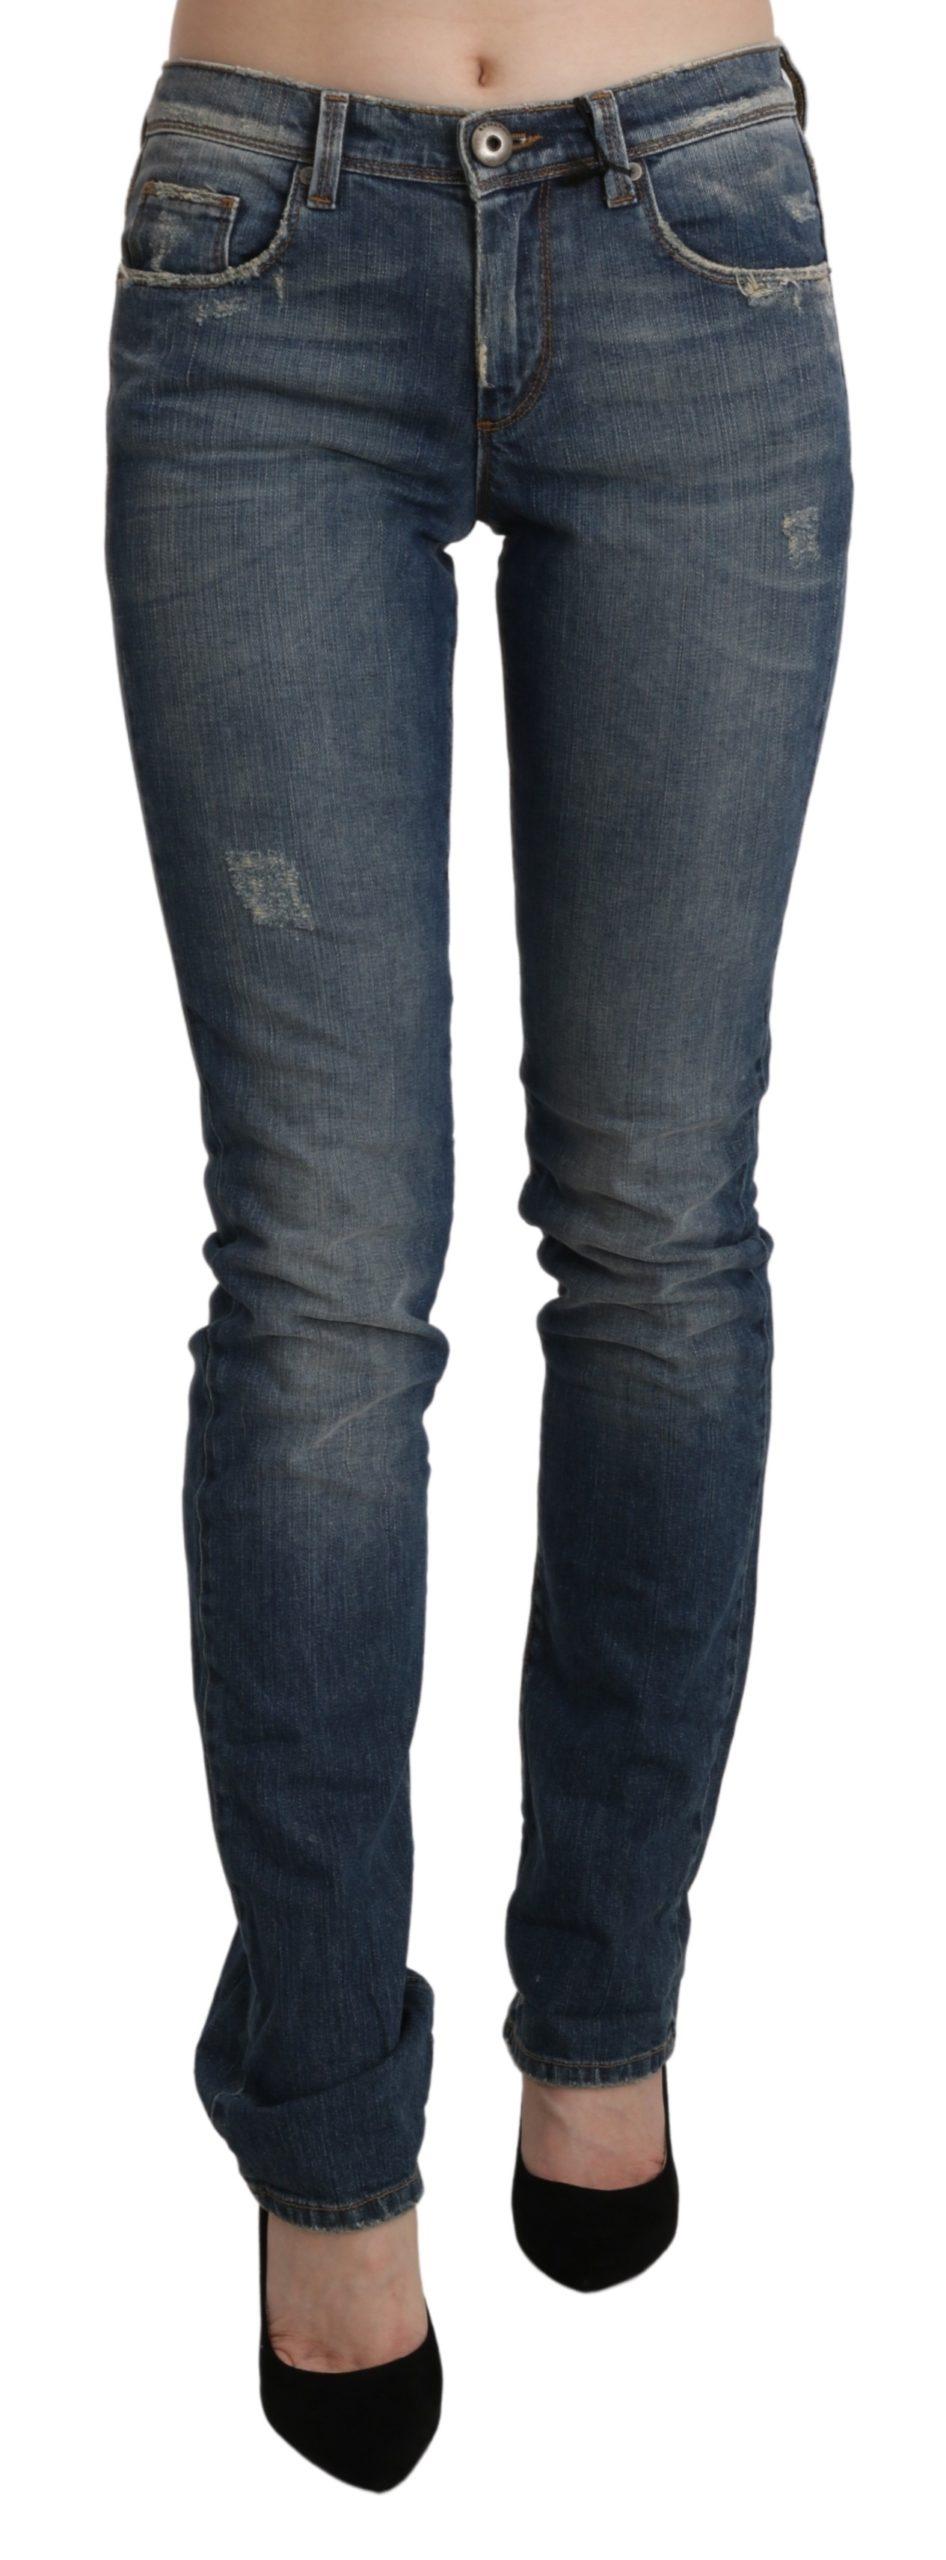 Blue Washed Mid Waist Skinny Denim Jeans - W26